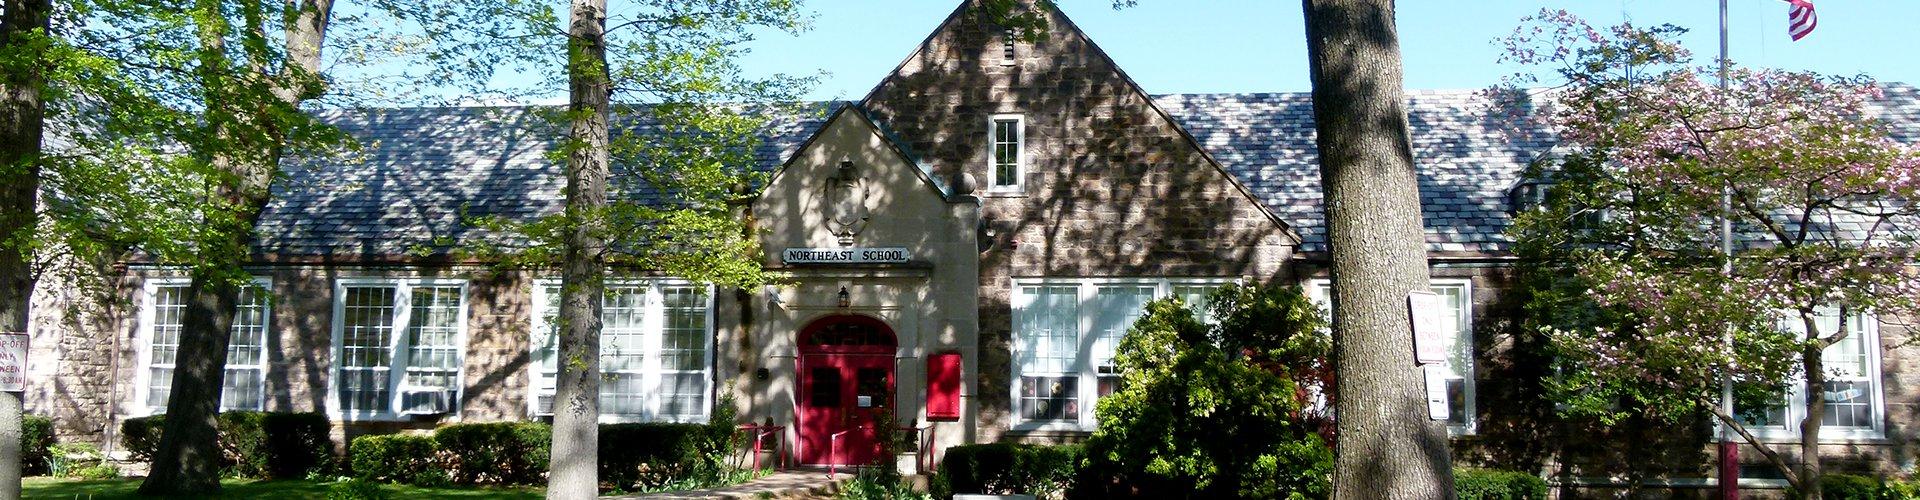 Northeast School